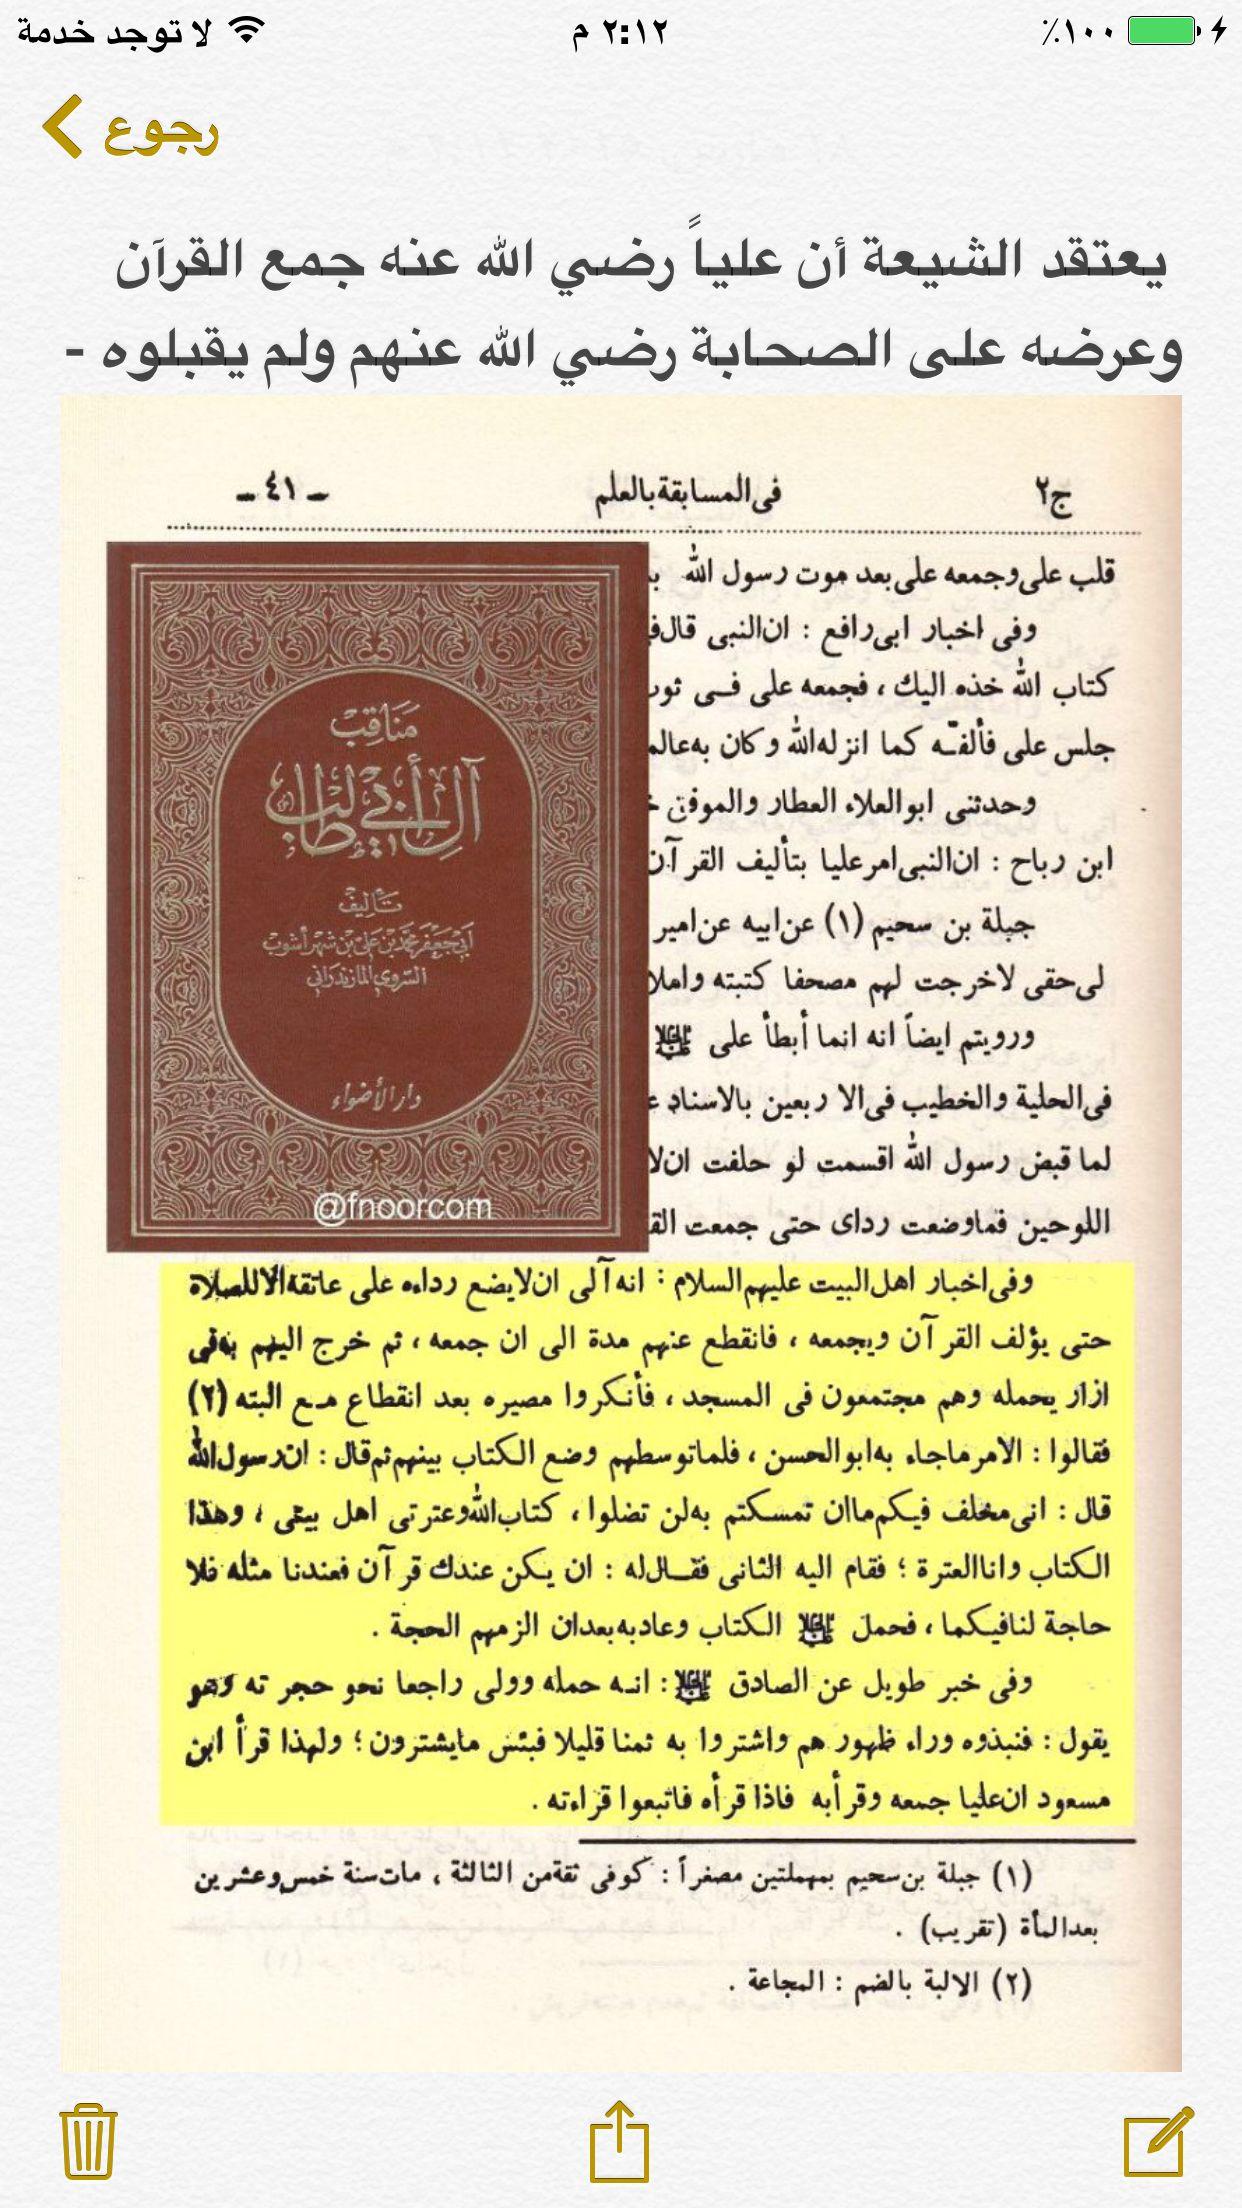 خرافات وكذب على علي رضي الله عنه Book Cover Books Cover